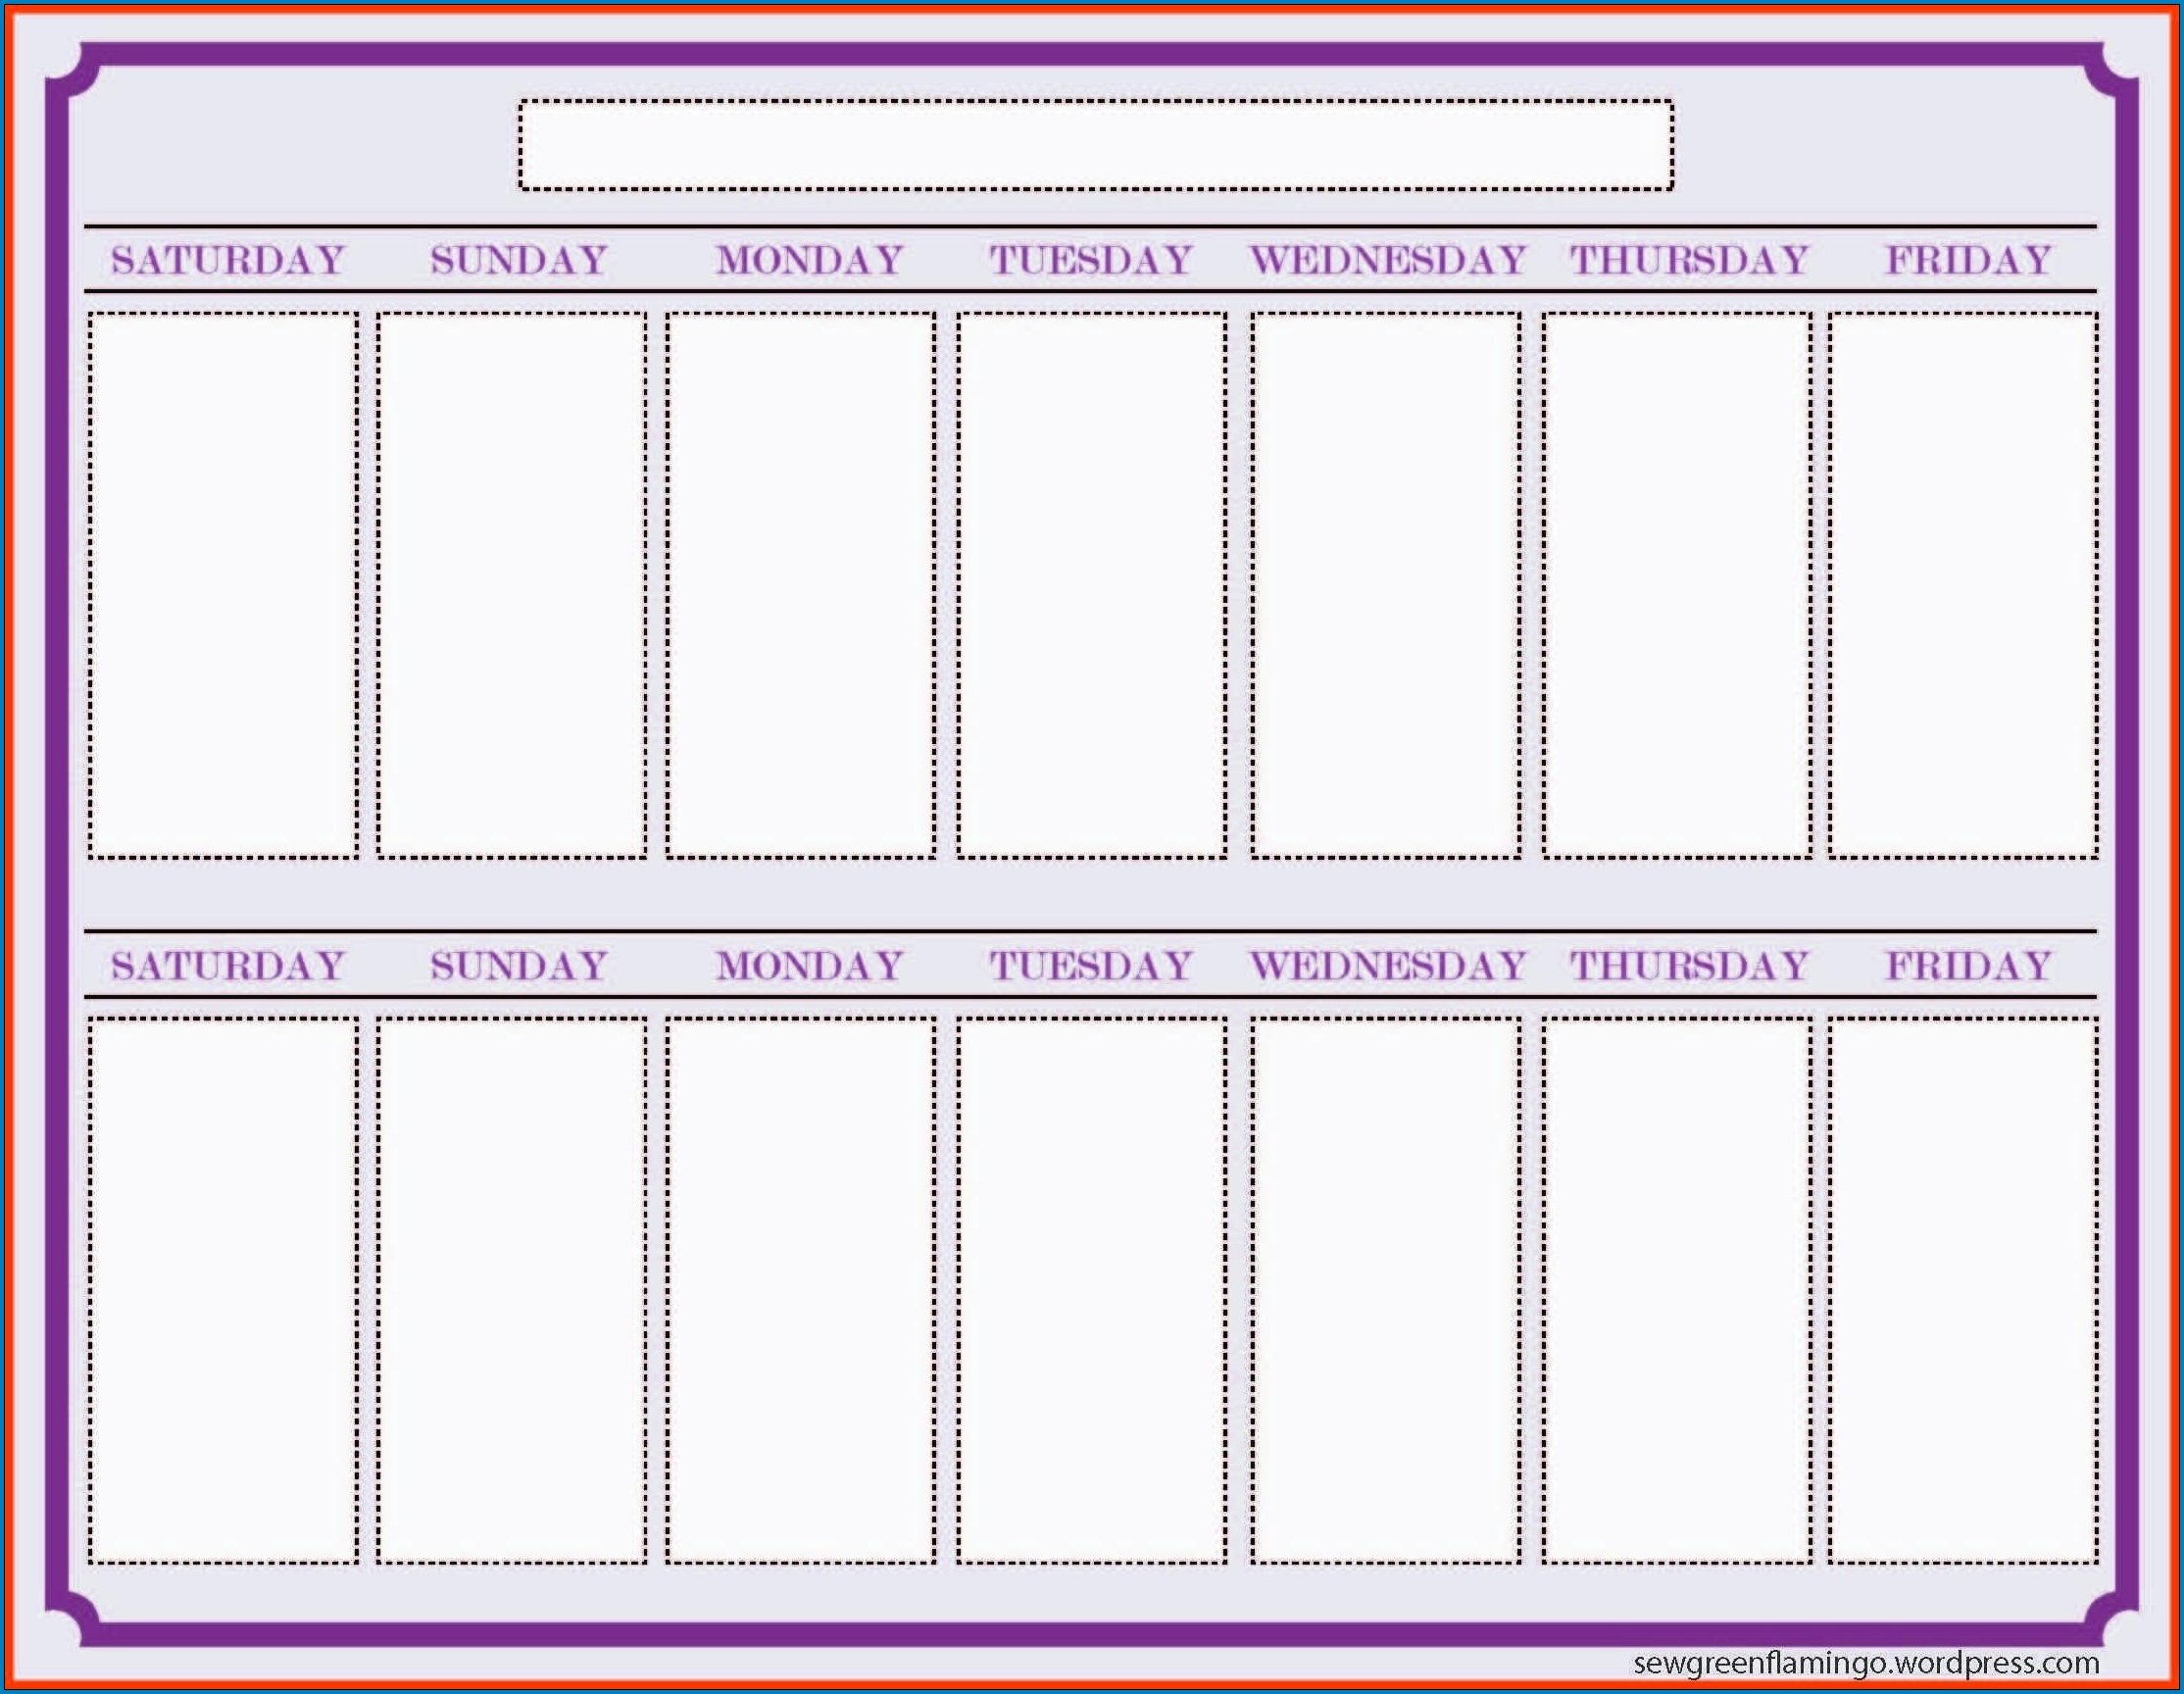 Free Printable 2 Week Calendar Template | Templateral Two Week Schedule Template